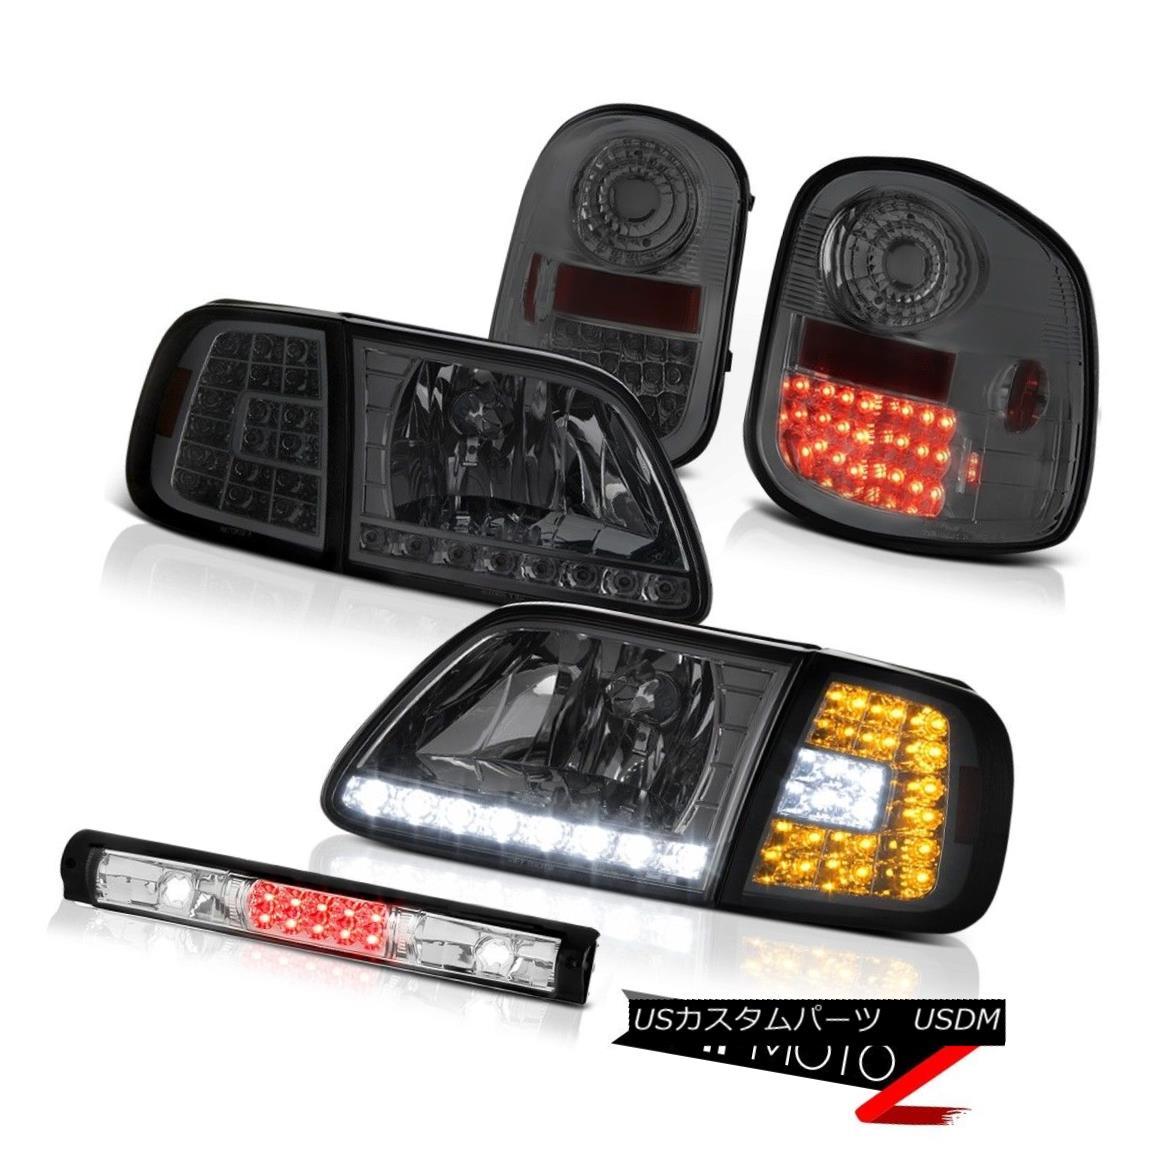 ヘッドライト Bumper LED Headlights Tail Lights Tinted Roof Brake Cargo 1997-2003 F150 4.2L バンパーLEDヘッドライトテールライト着色ルーフブレーキカーゴ1997-2003 F150 4.2L